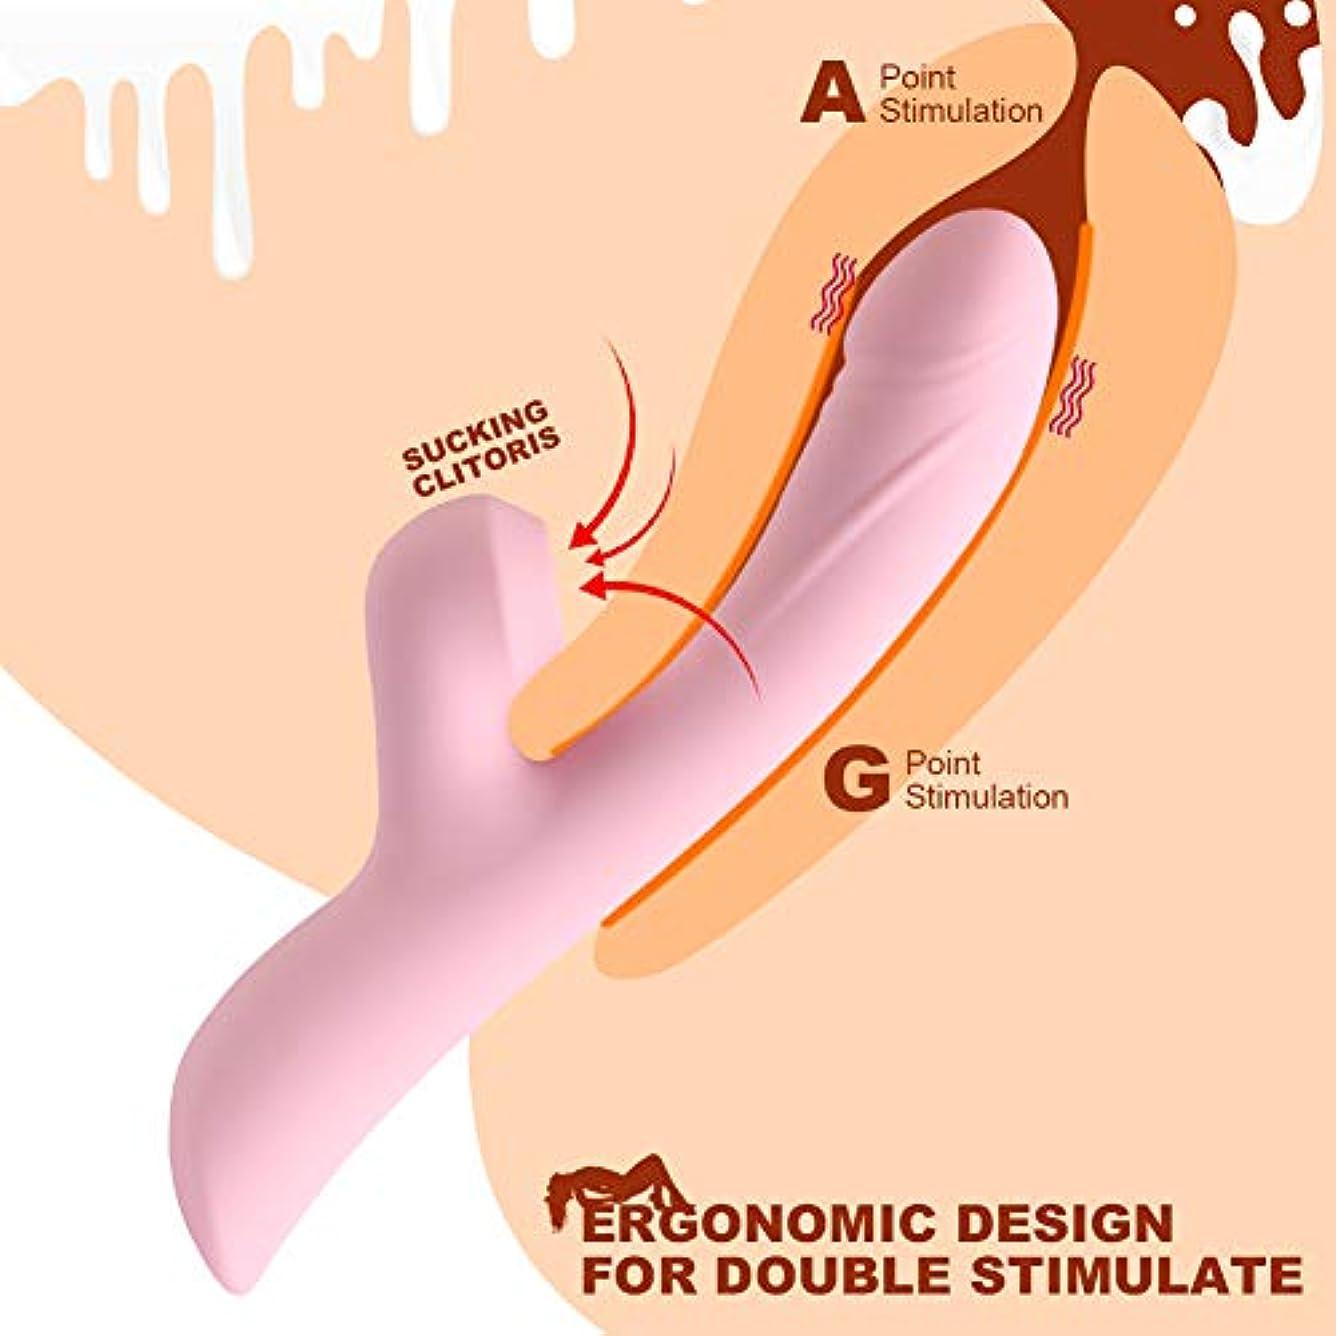 驚かす知性空いている足 マッサージ グッズ マッサージ 家電 女性用多機能マッサージスティック充電式防水 強力な 筋肉痛のためのマッサージスティック体をリラックスさせ、疲労を和らげます (ピンク色)